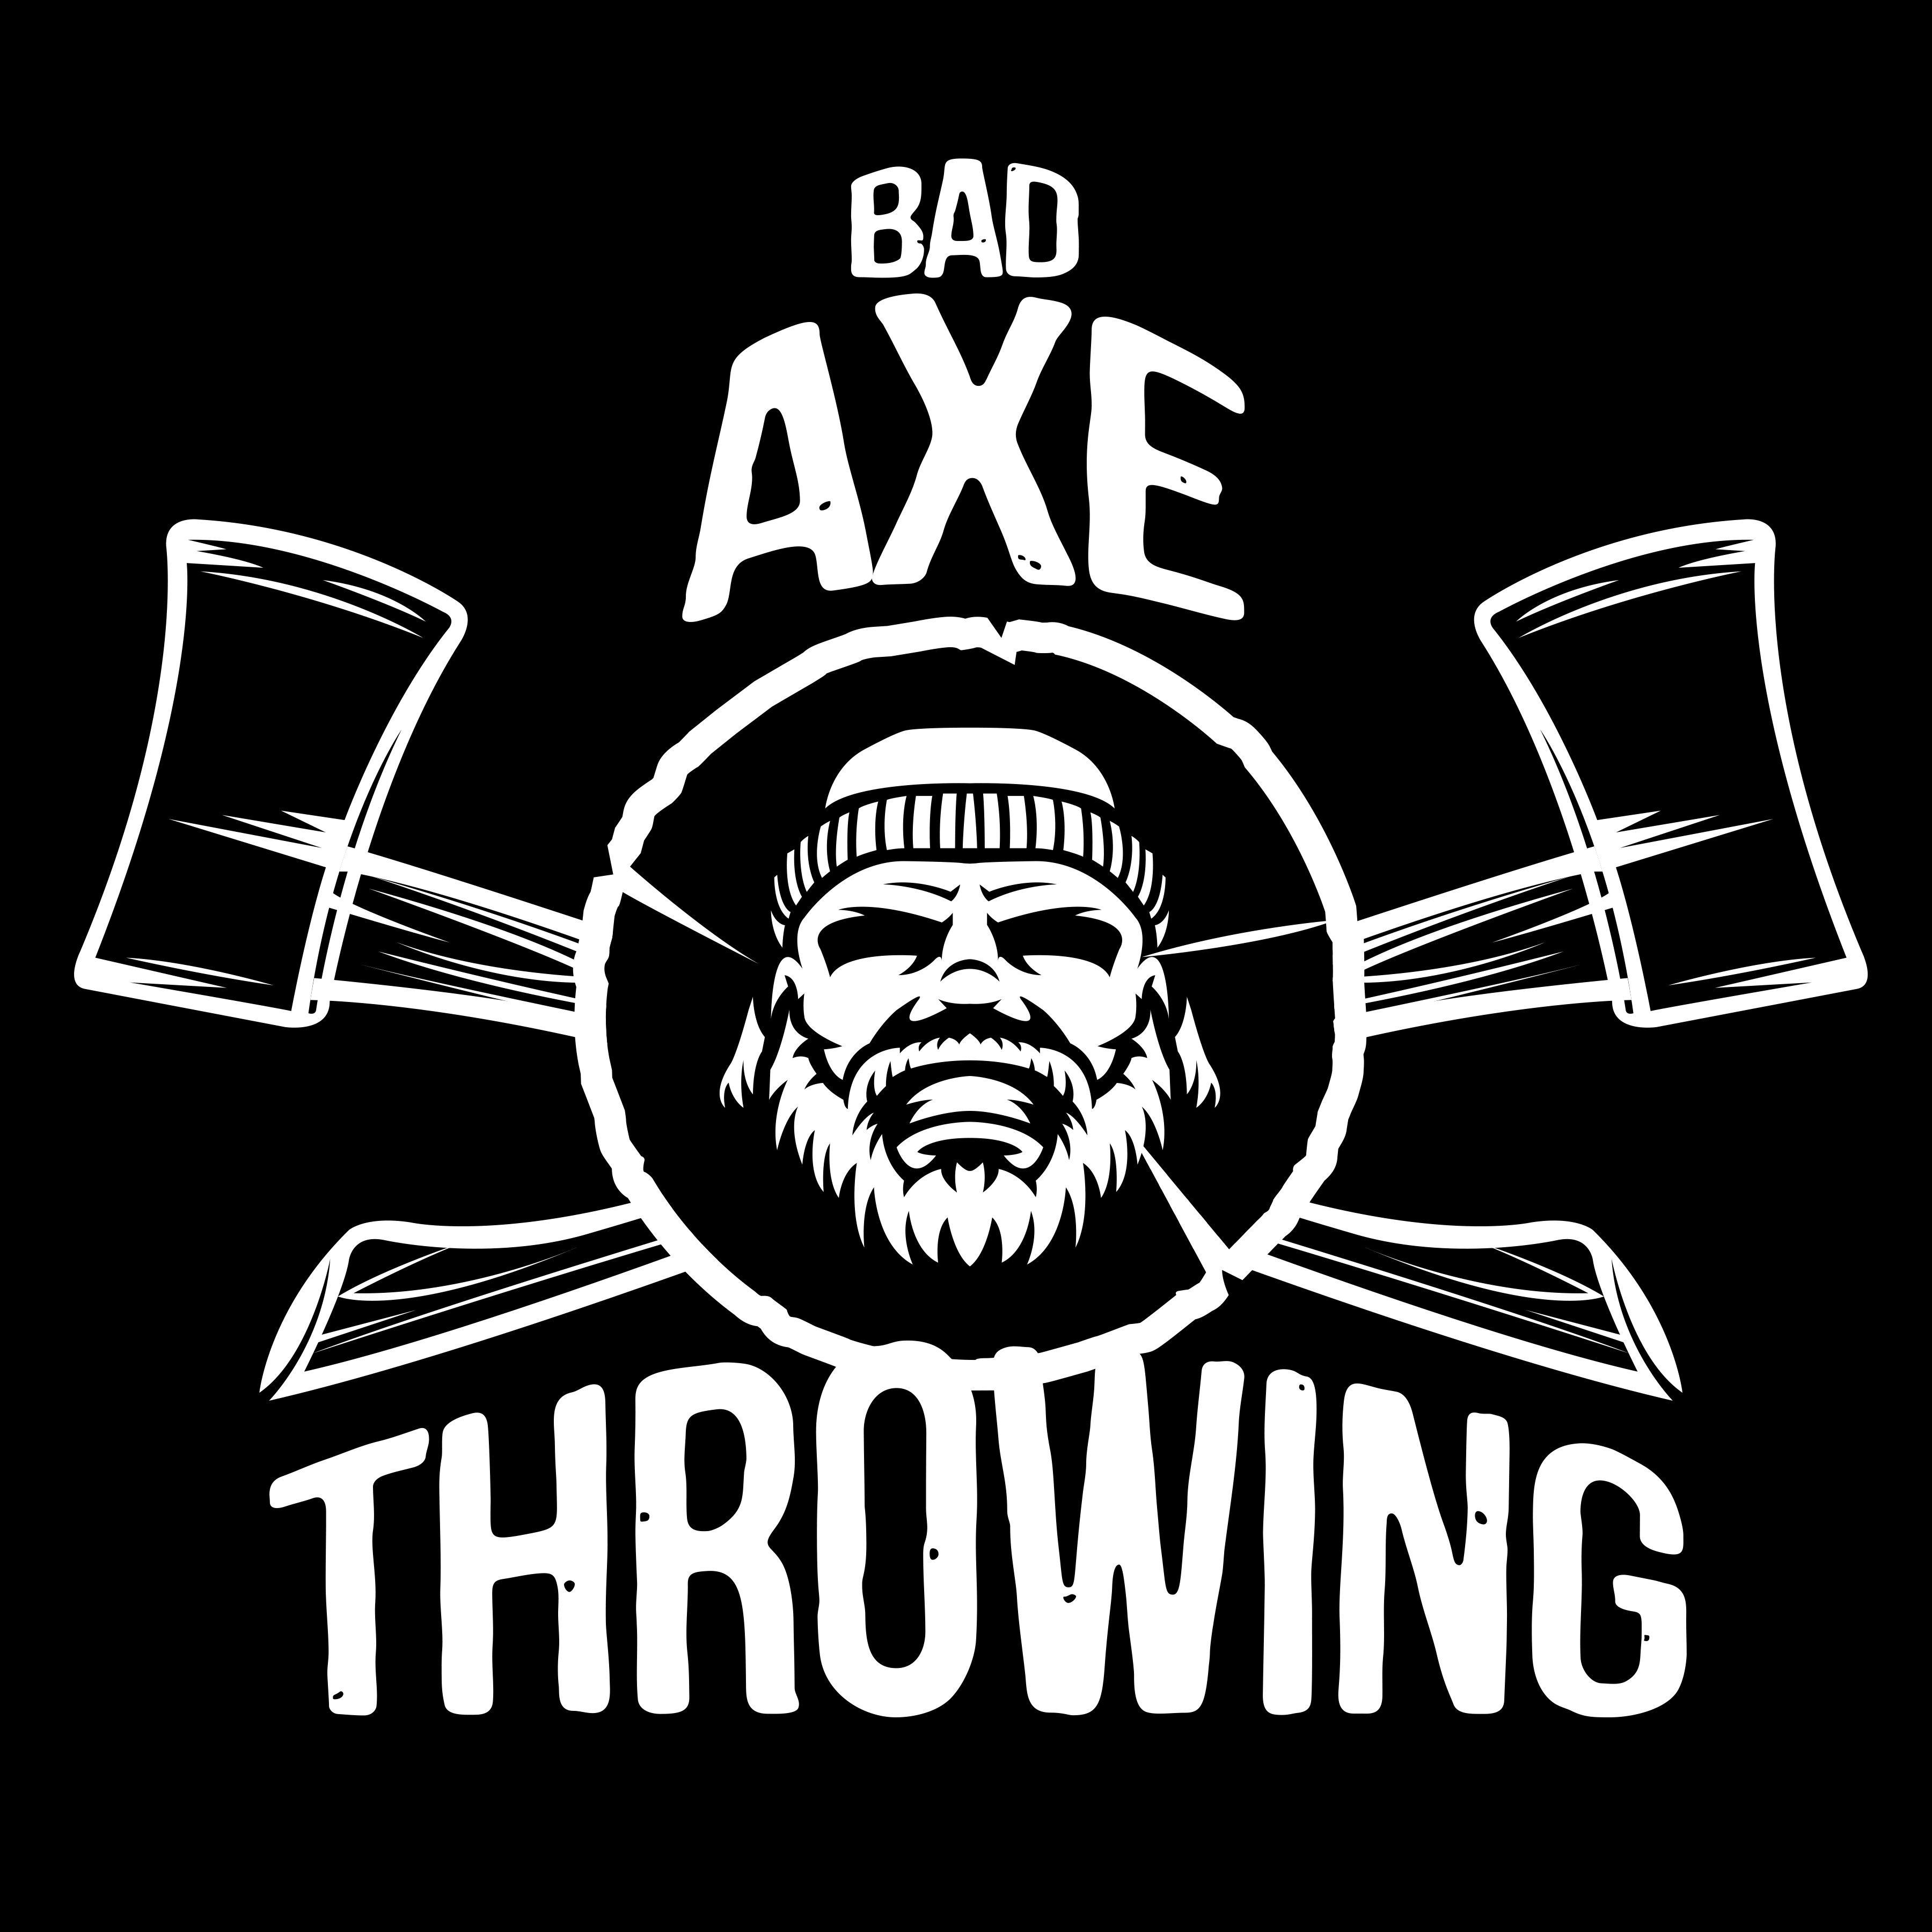 bad axe throwing where